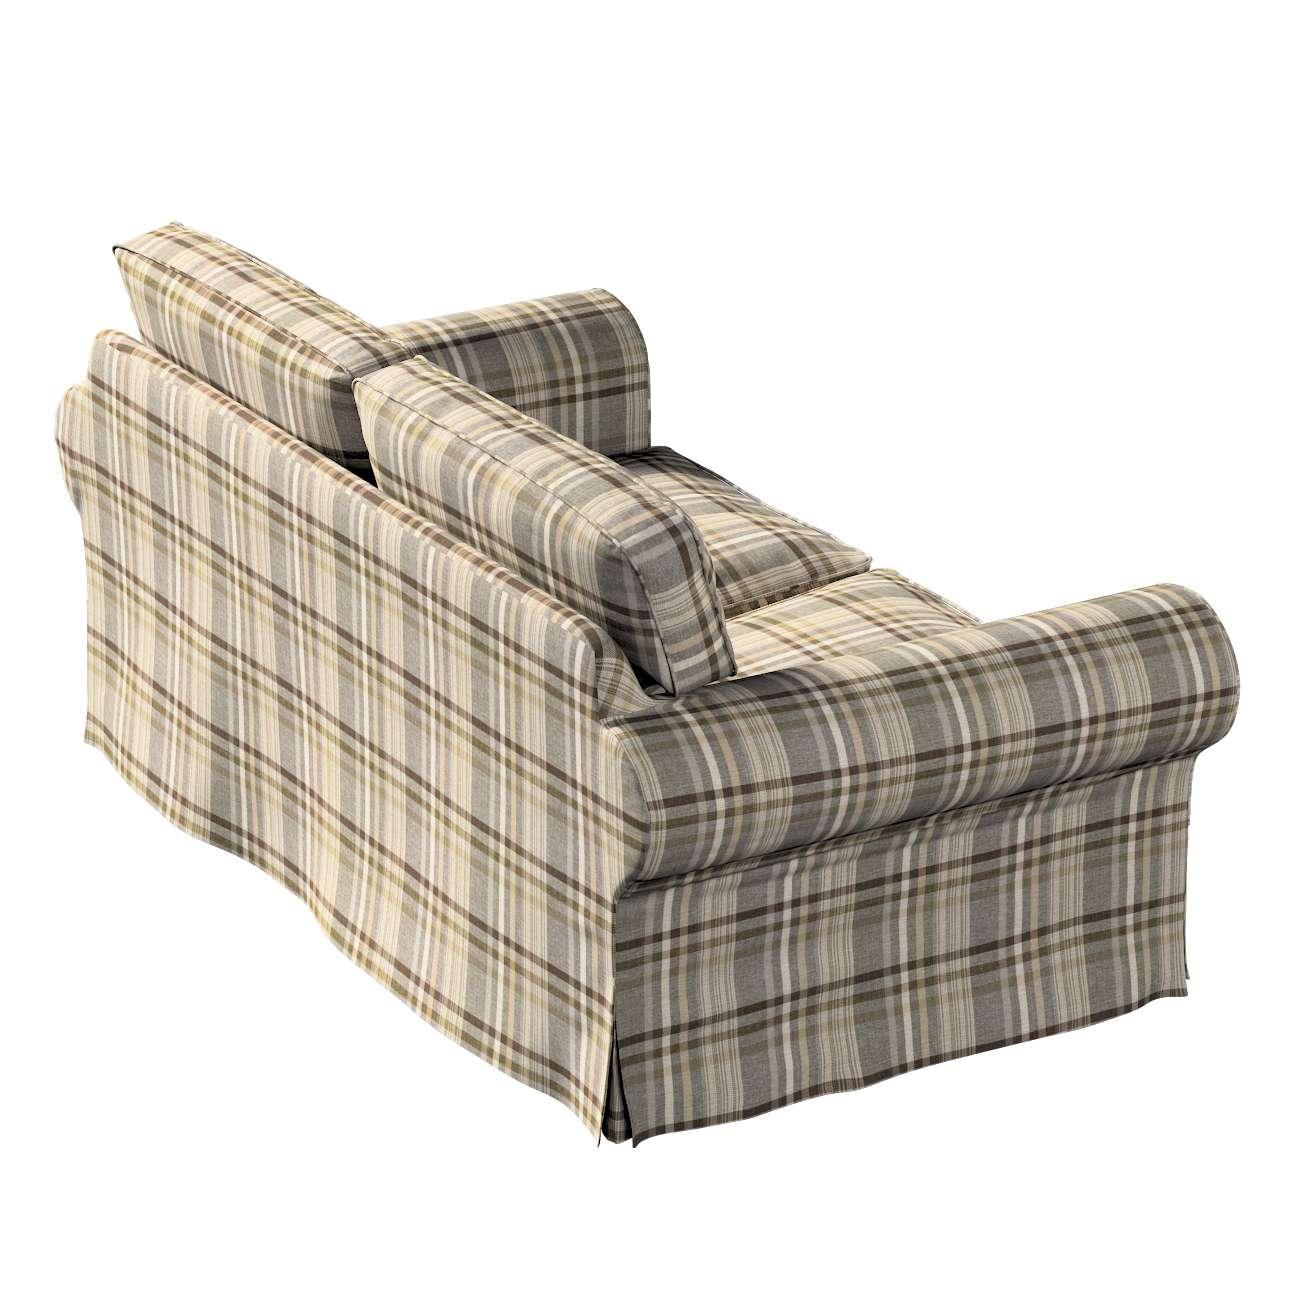 Pokrowiec na sofę Ektorp 2-osobową, nierozkładaną w kolekcji Edinburgh, tkanina: 703-17